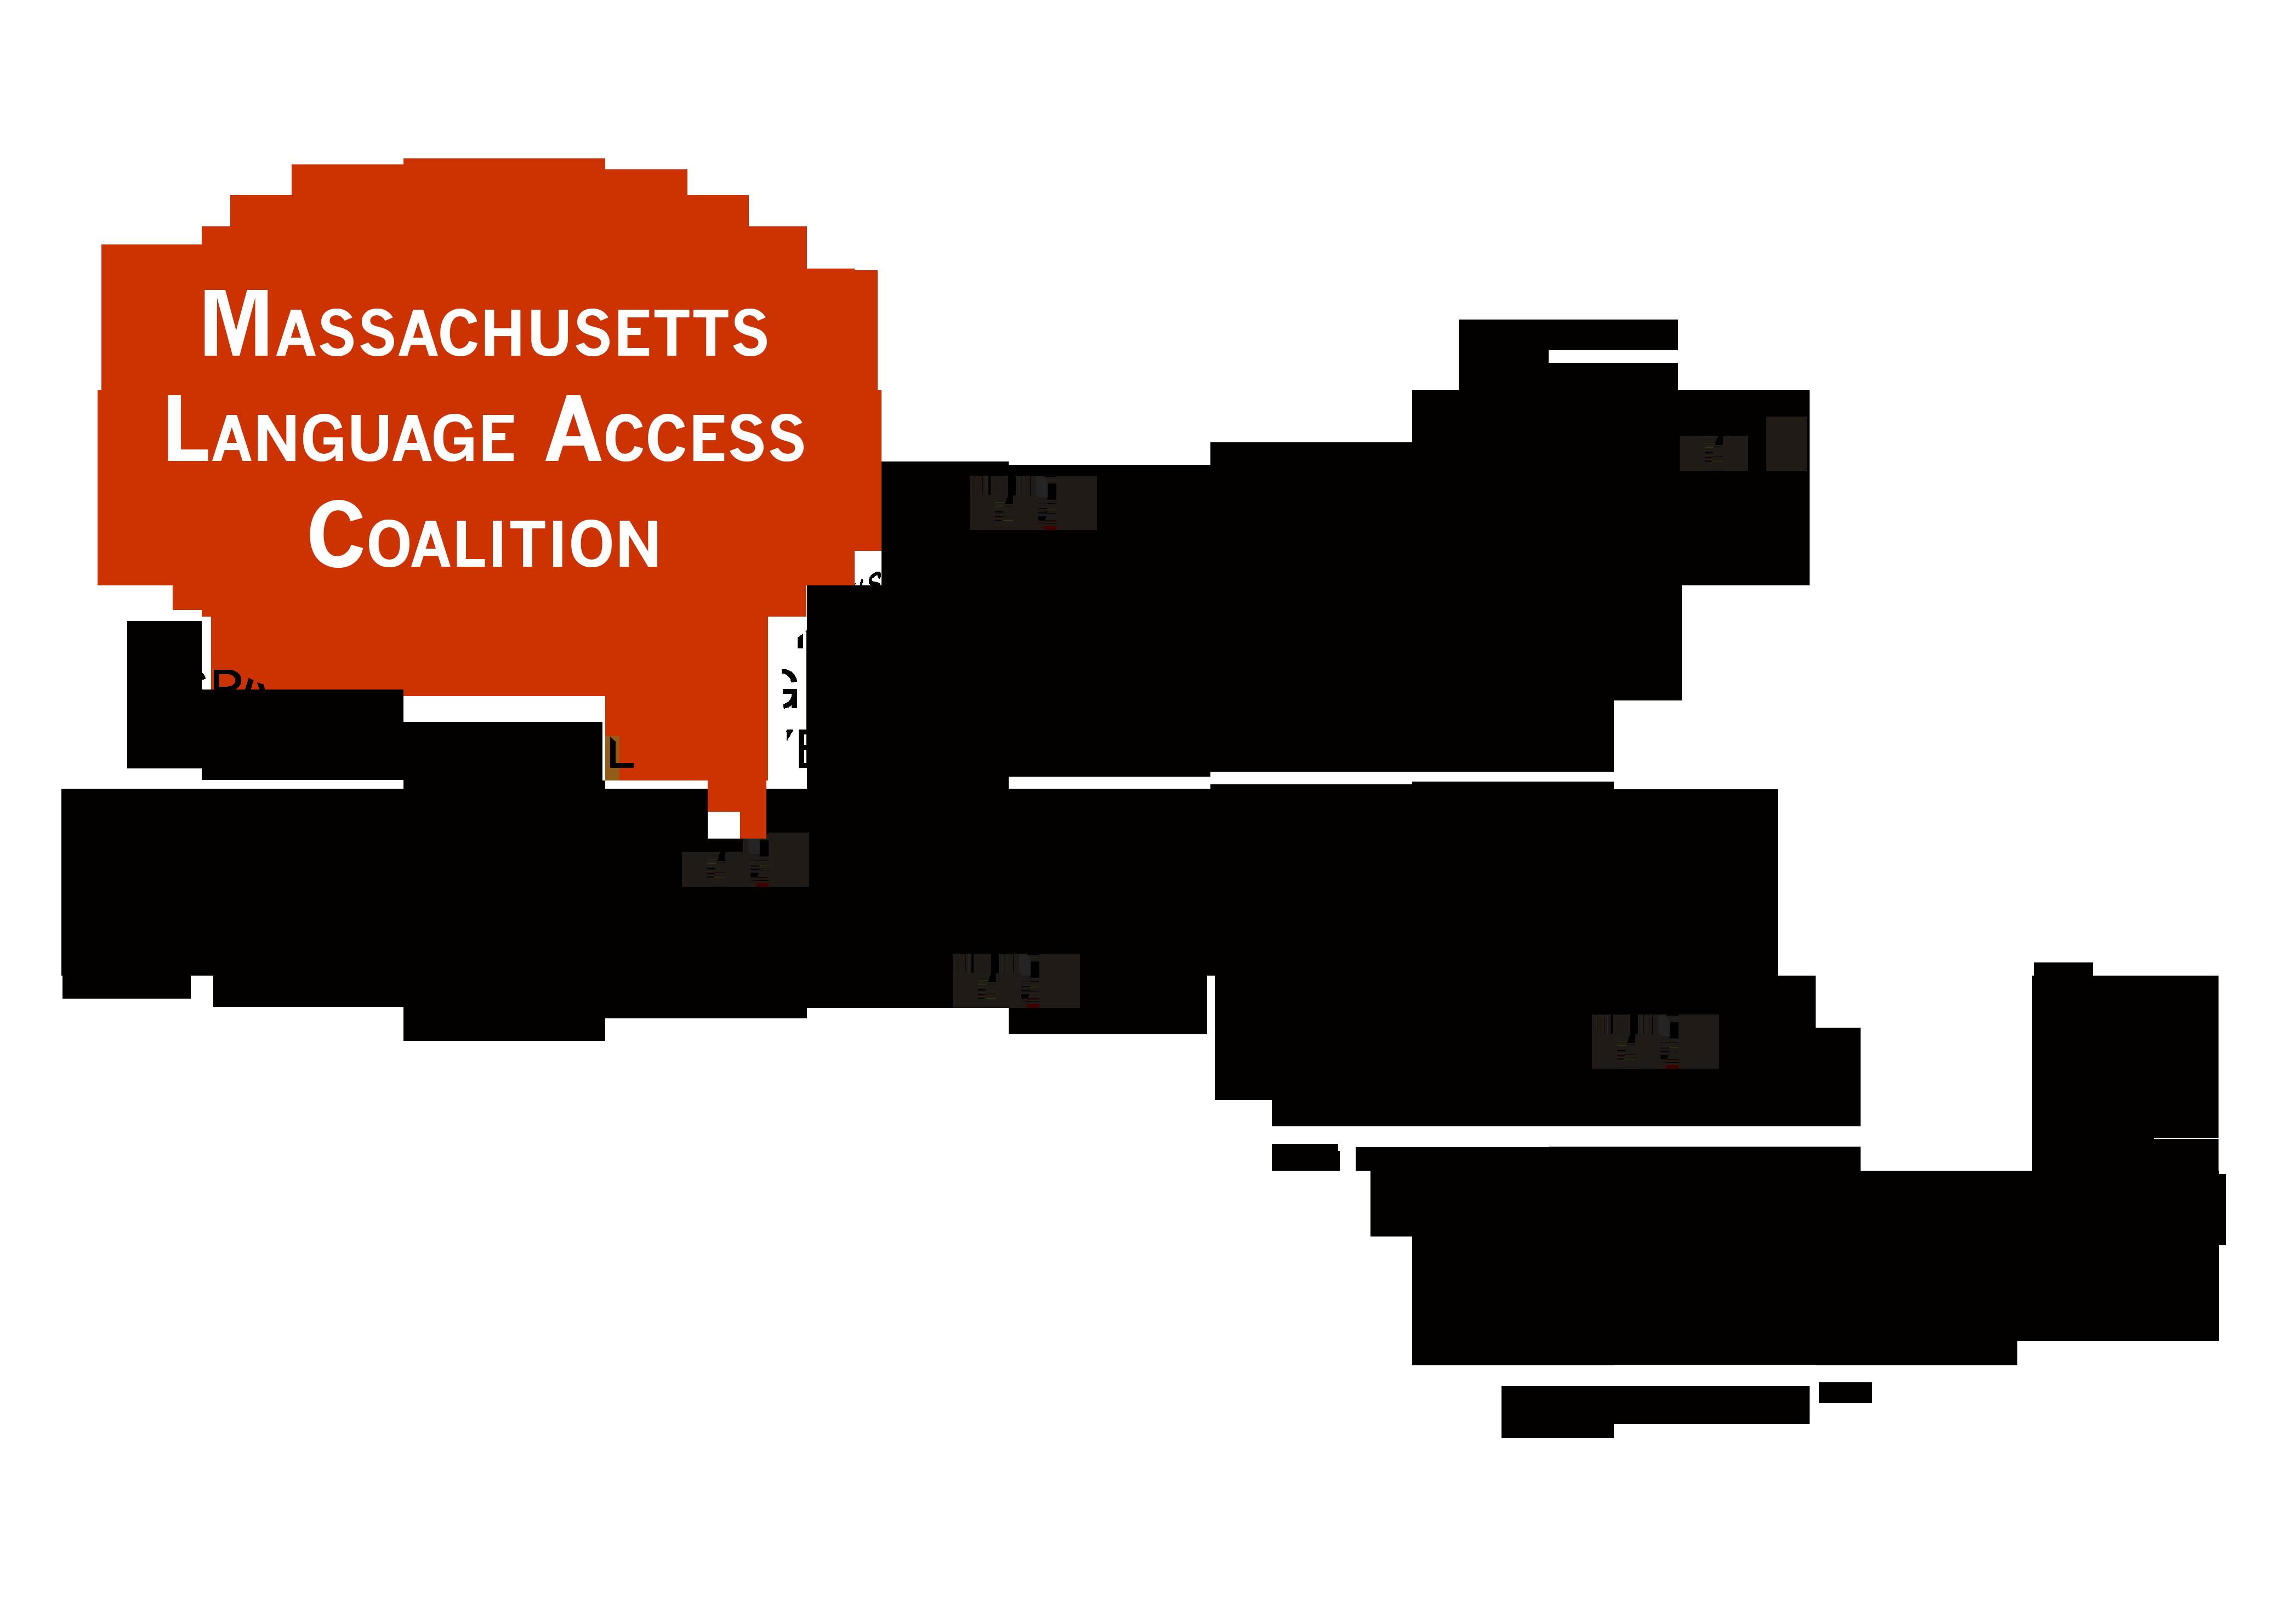 MA Language Access Coalition